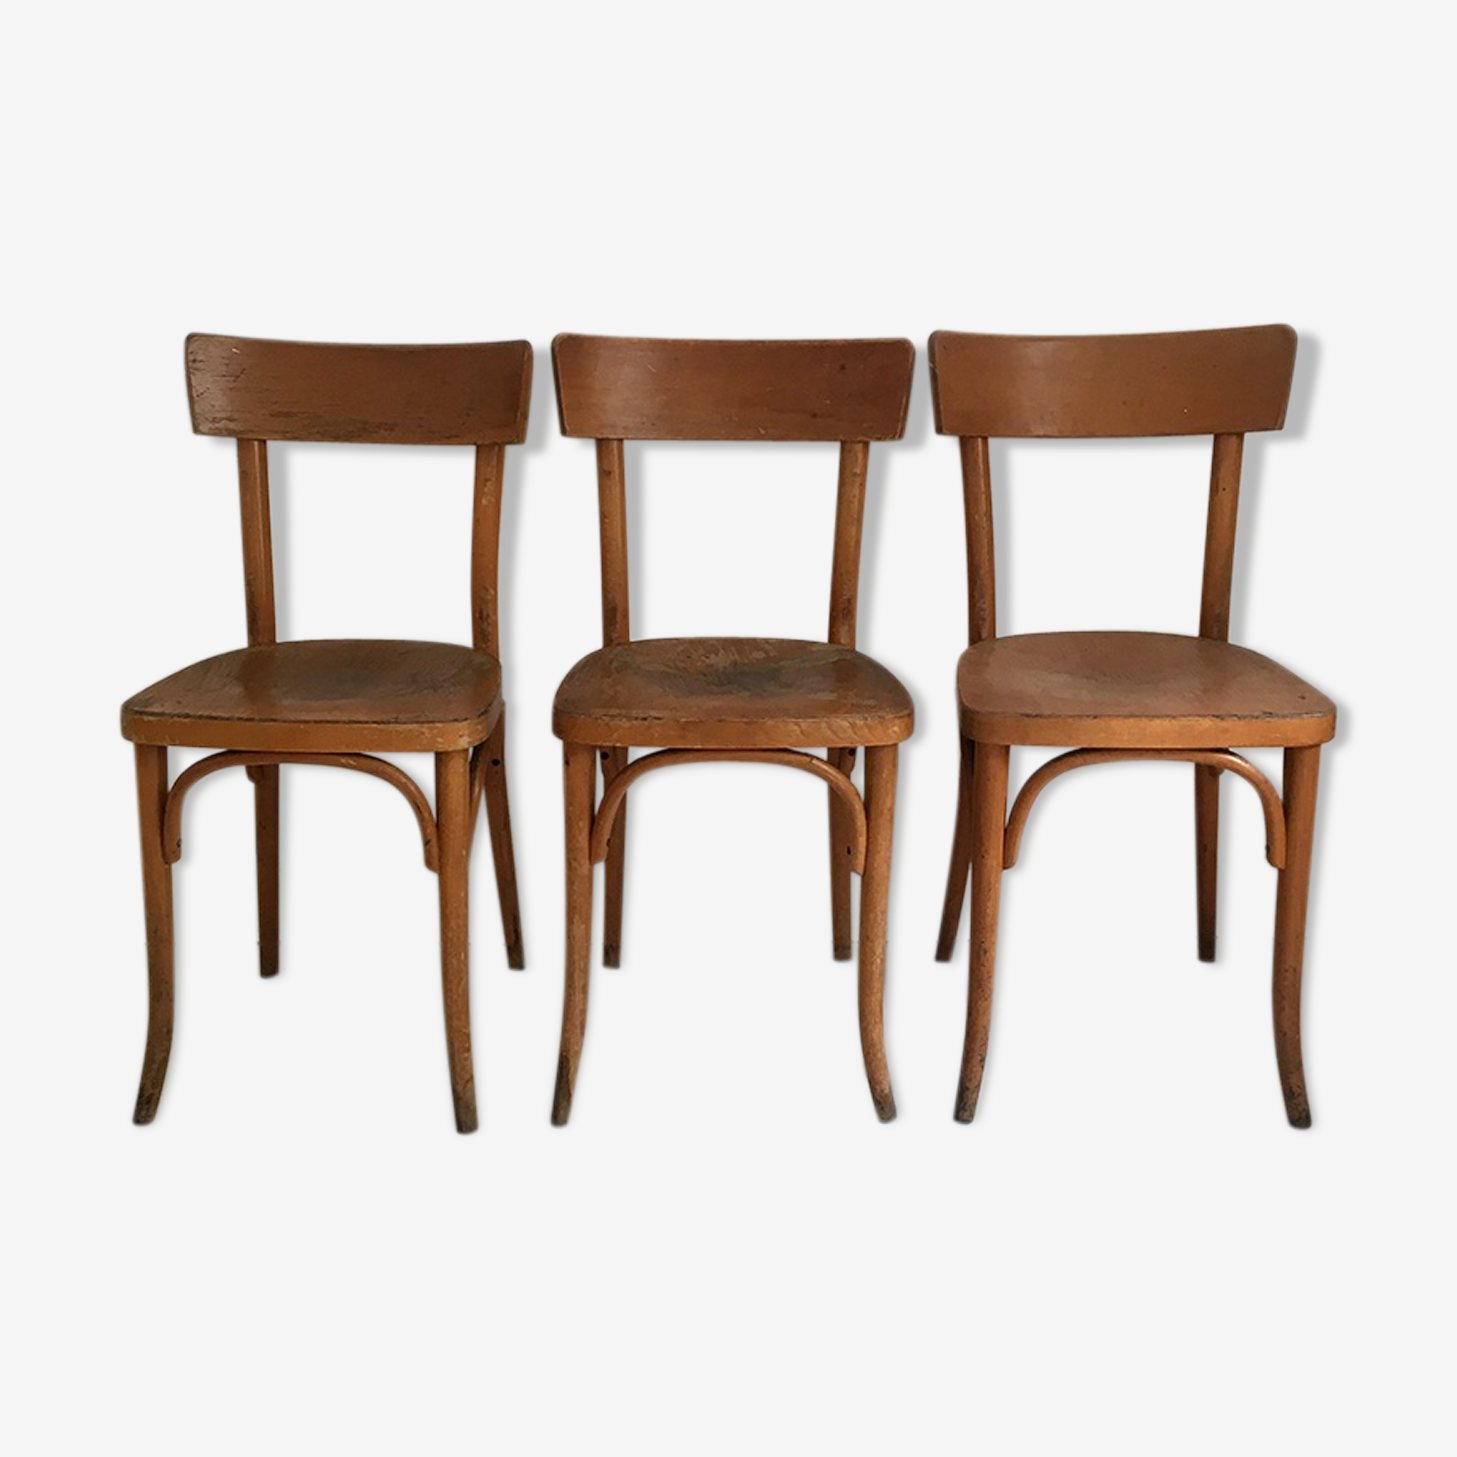 Ensemble de 3 chaises bistrot Thonet vintage 60